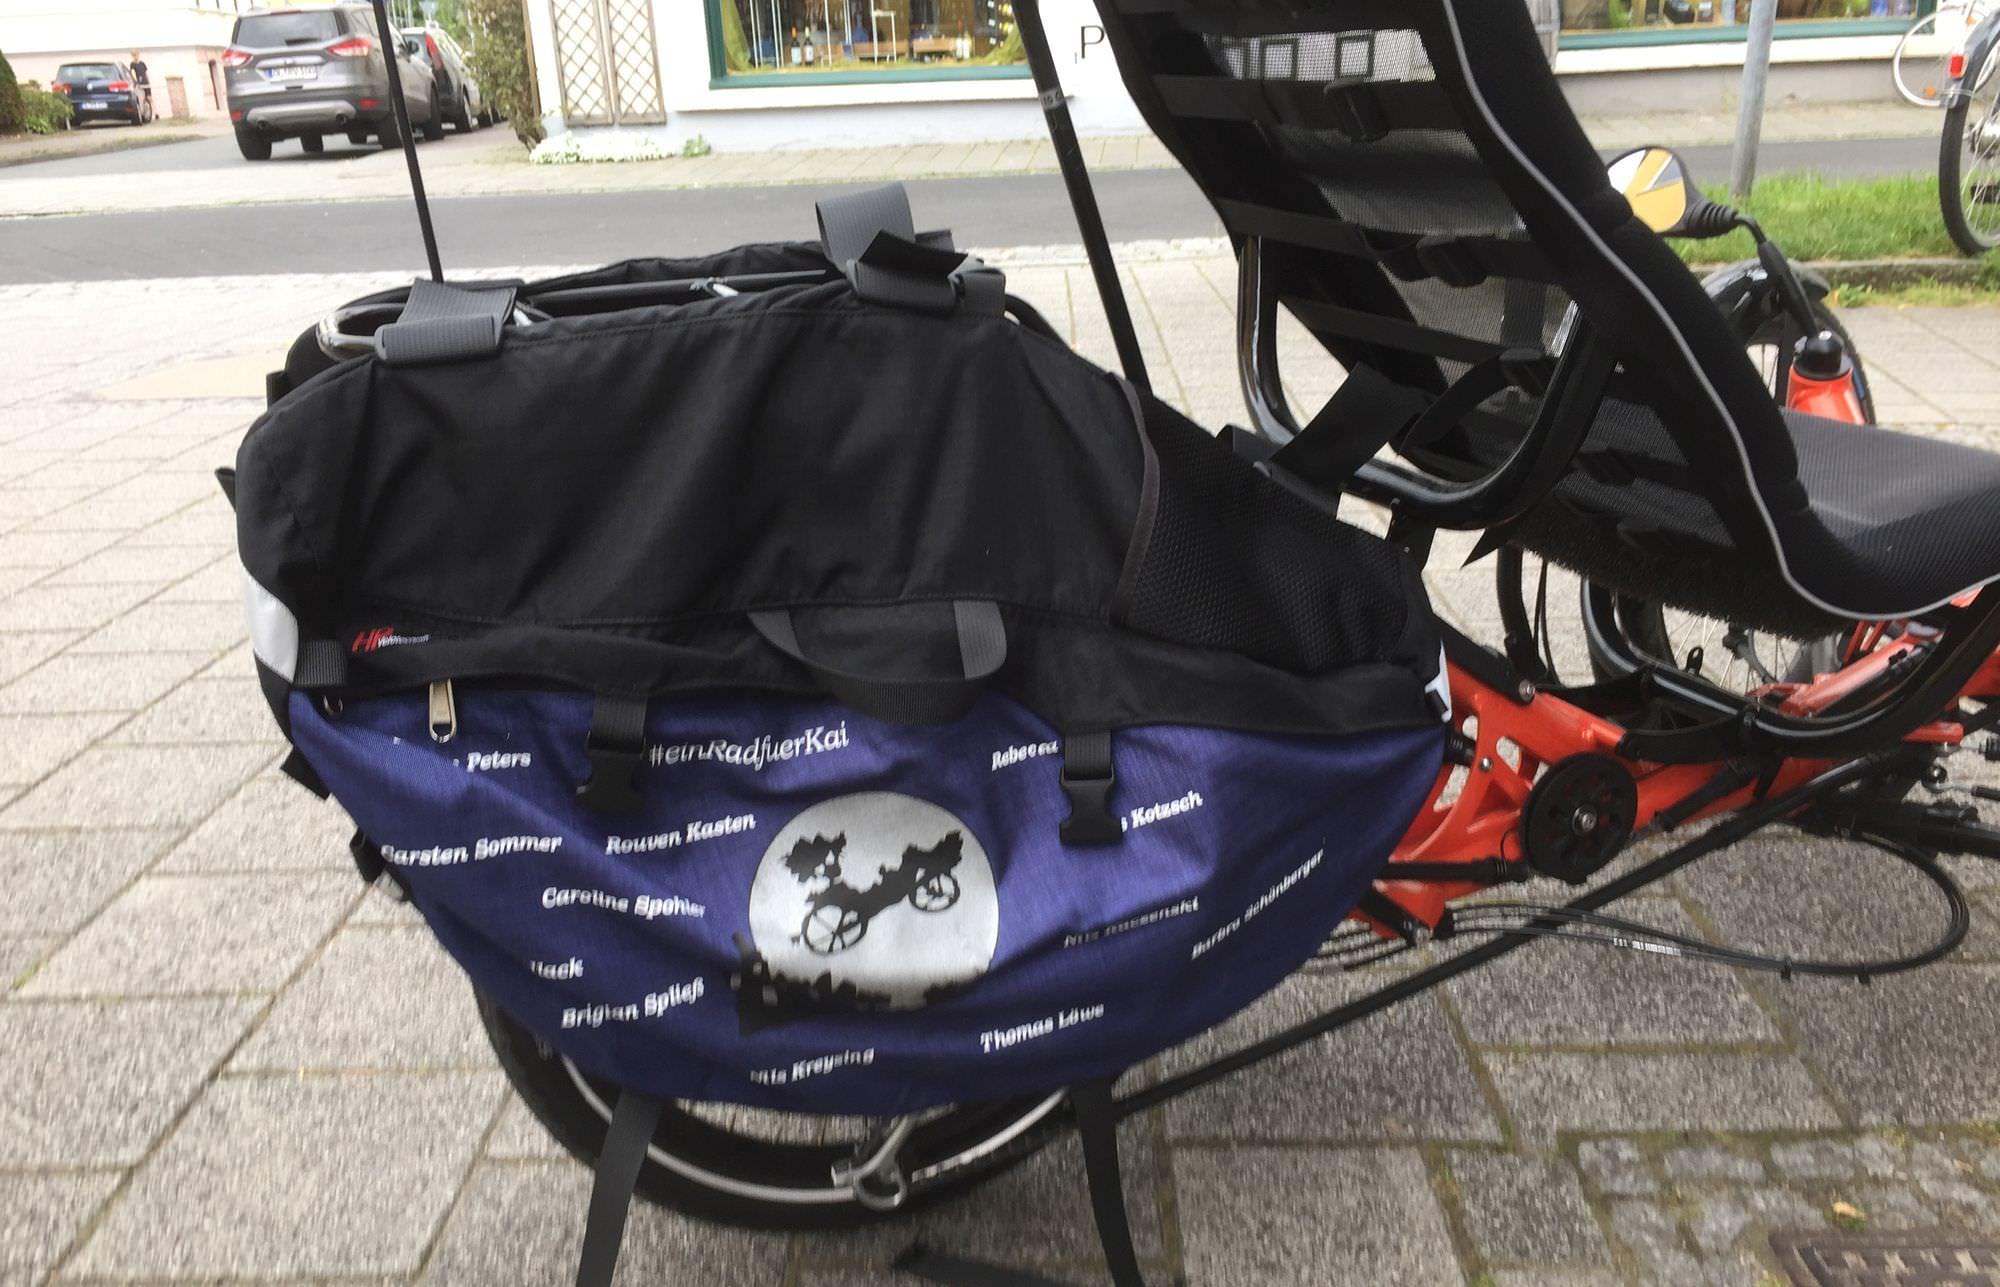 Fahrradtasche auf dem Gepäckträger